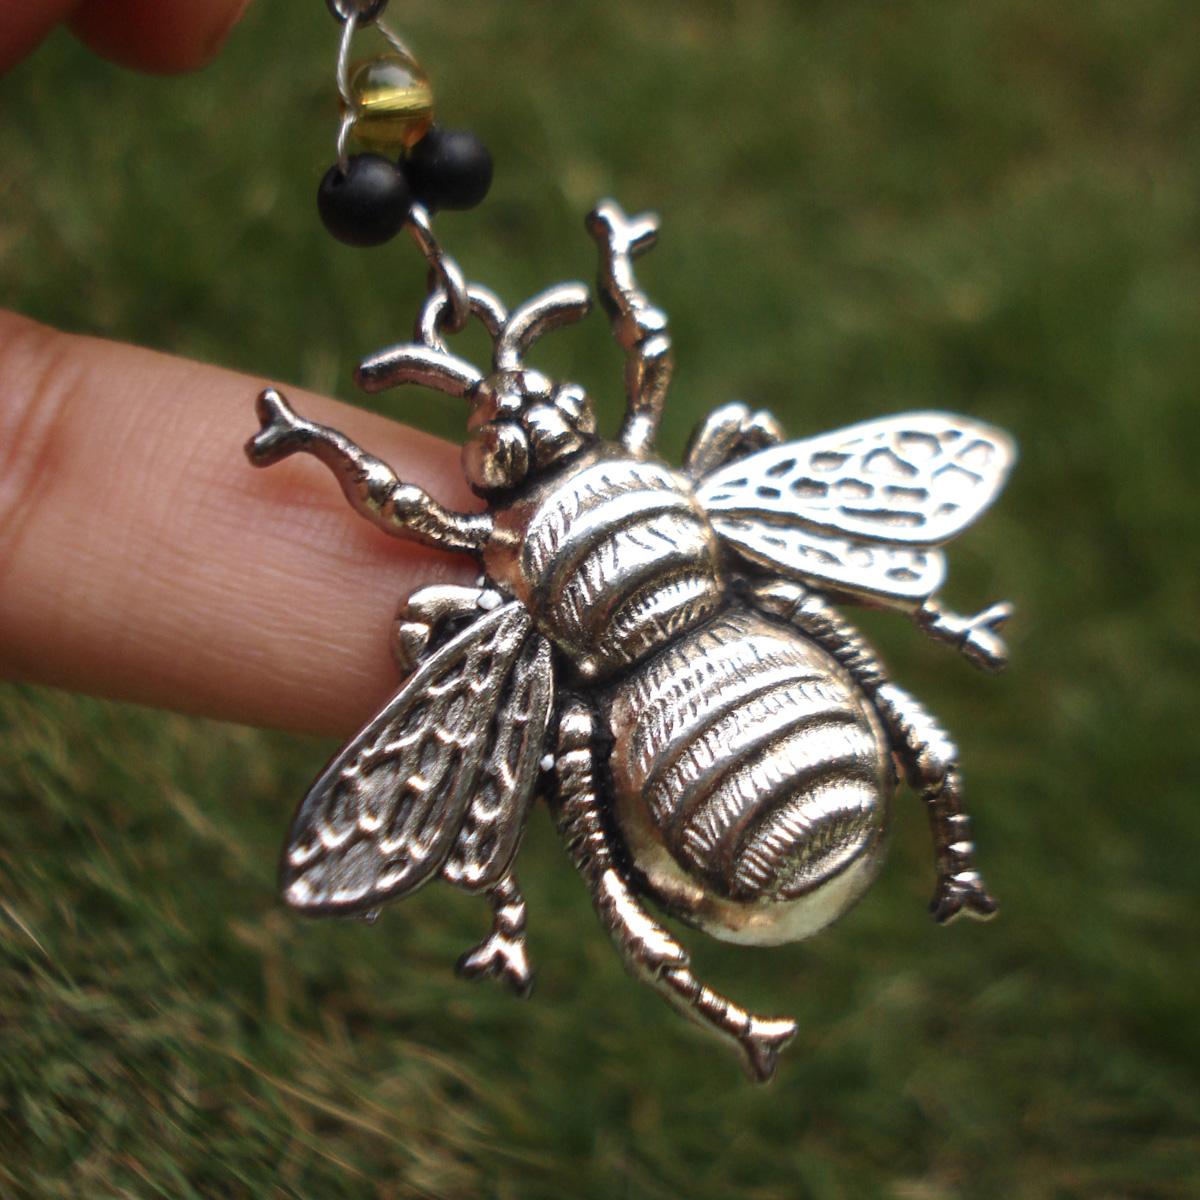 bumblebee_edited-1